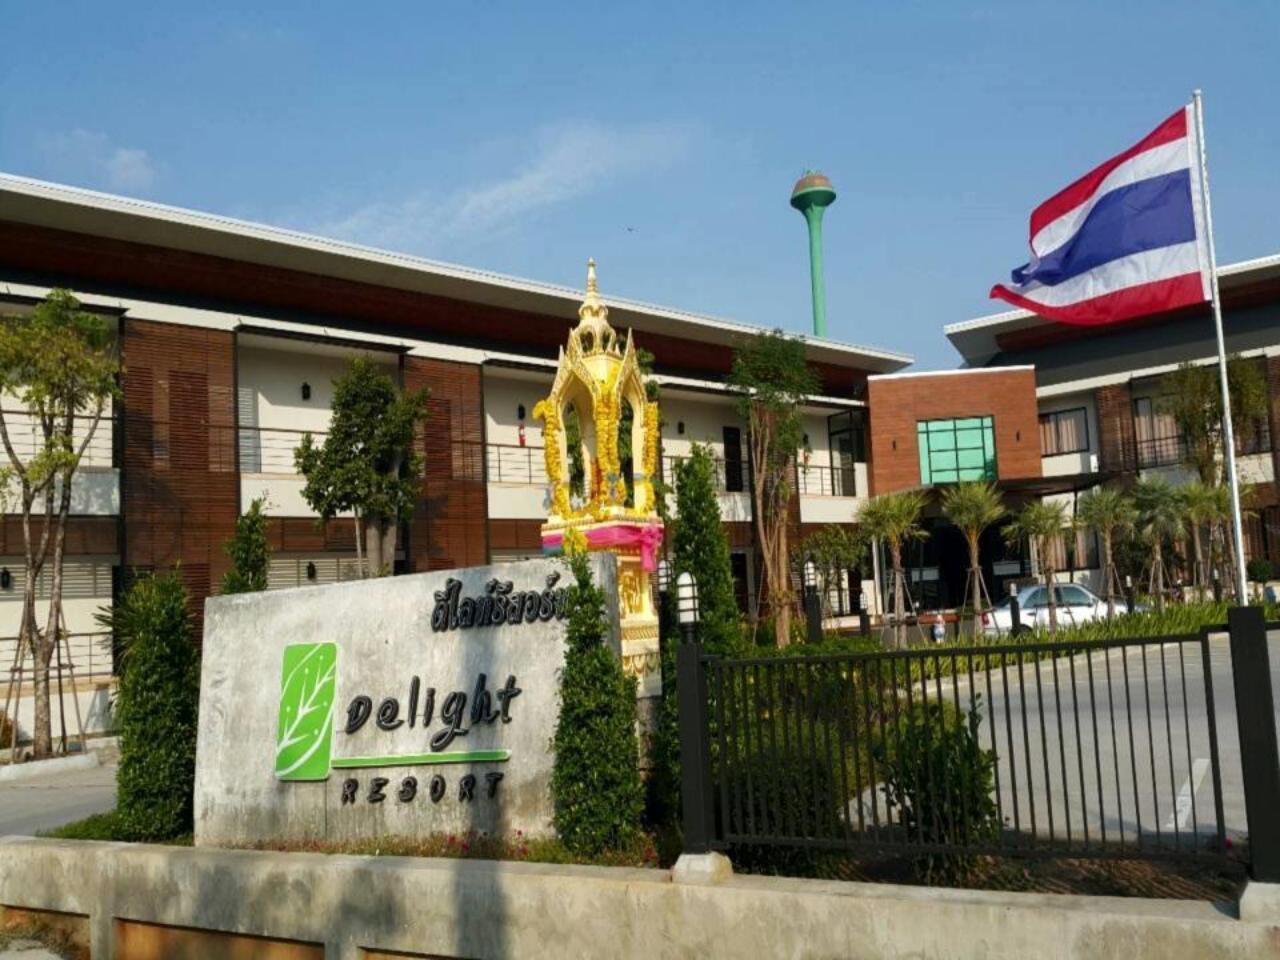 ดีไลท์ รีสอร์ท (Delight Resort)